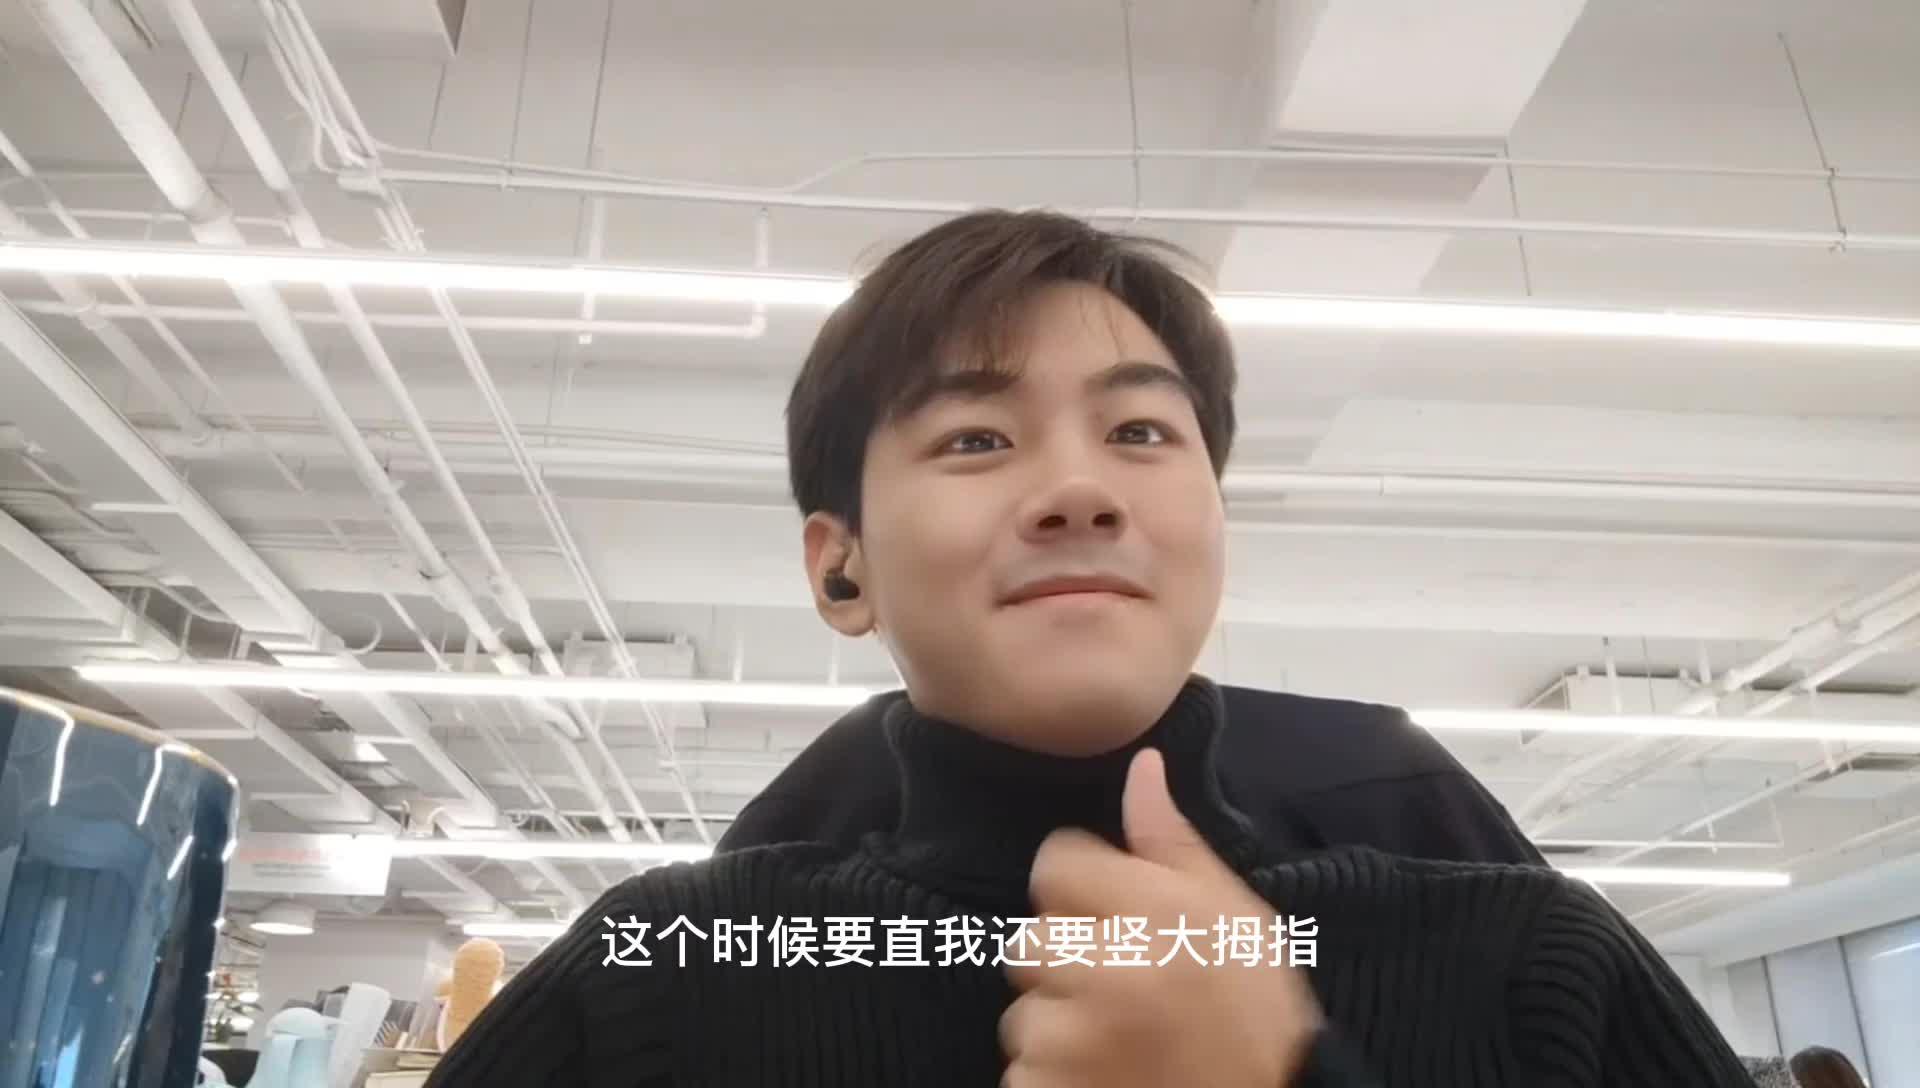 81 贺州学院 张梦伟 广播电视编导